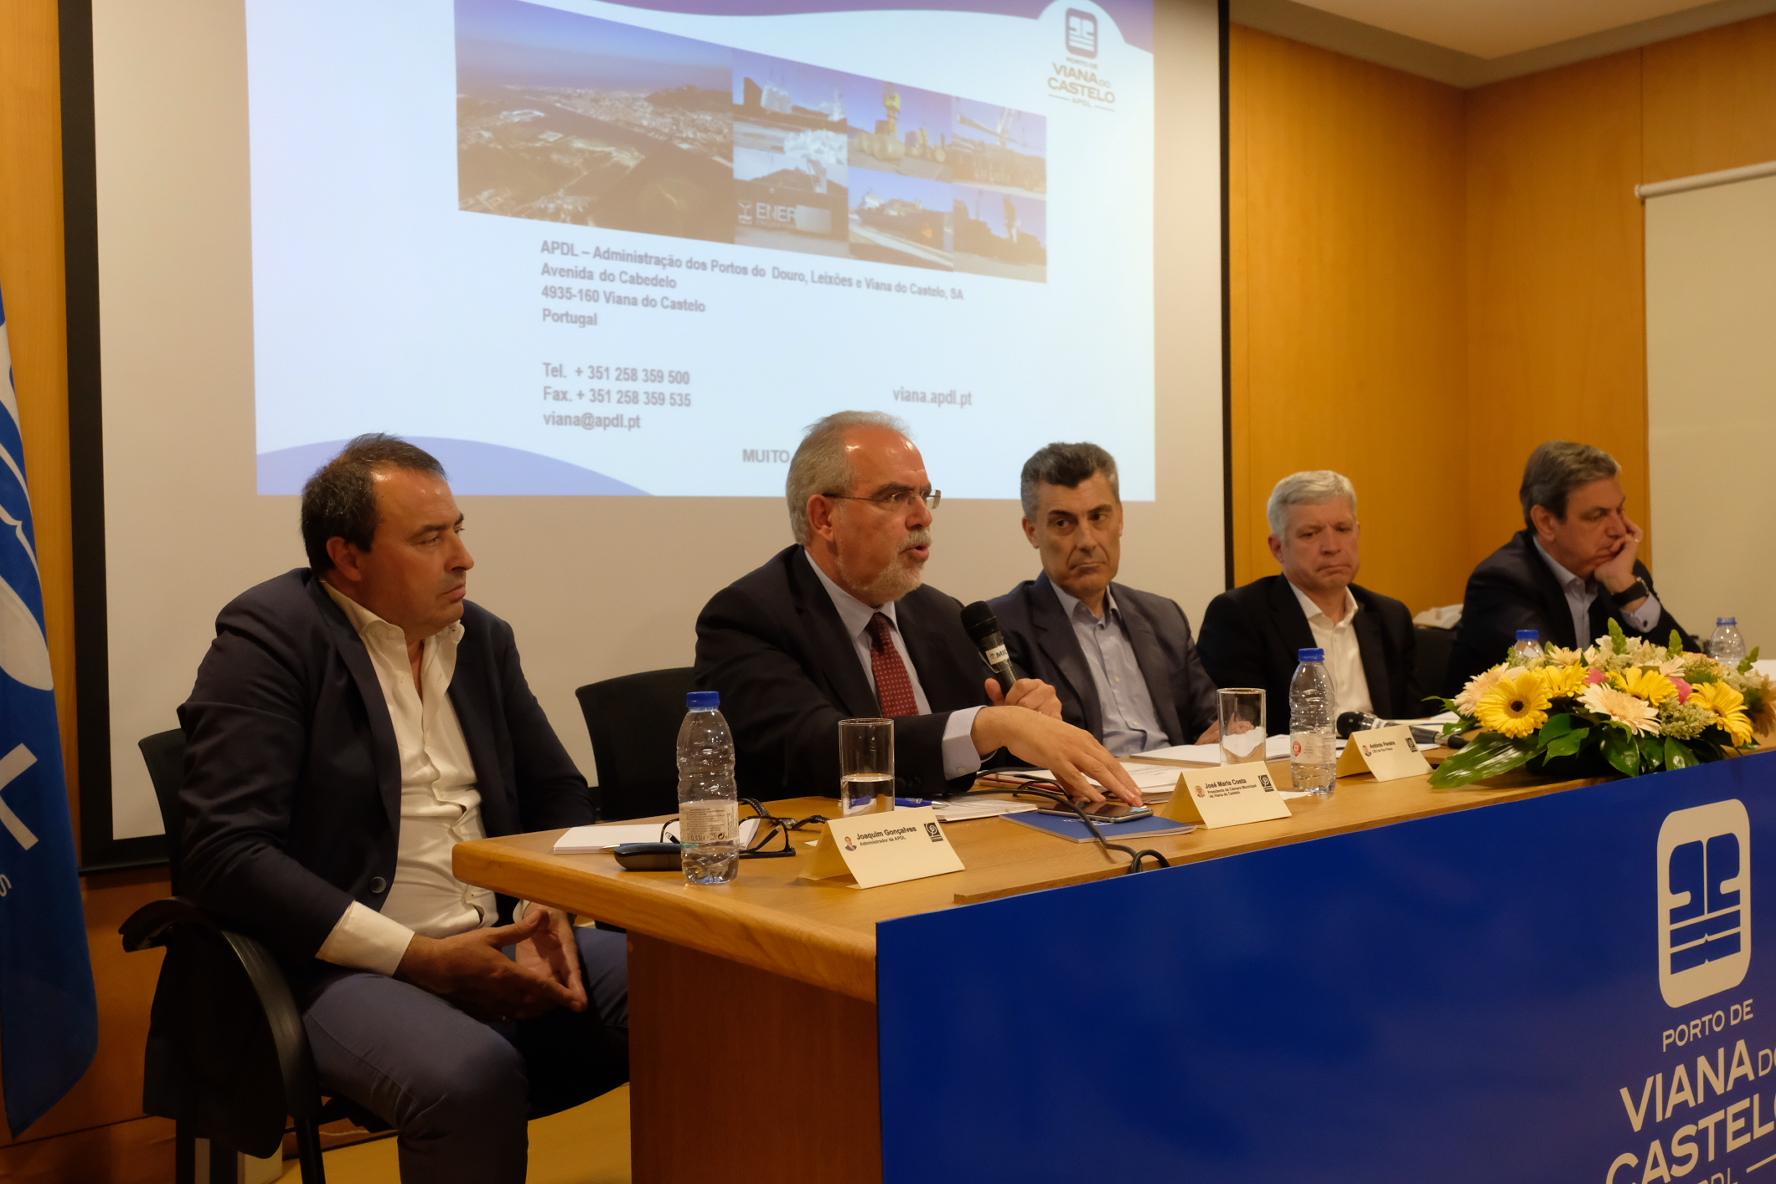 Autarca de Viana anuncia nova fábrica de 17 ME e 70 novos empregos em Lanheses